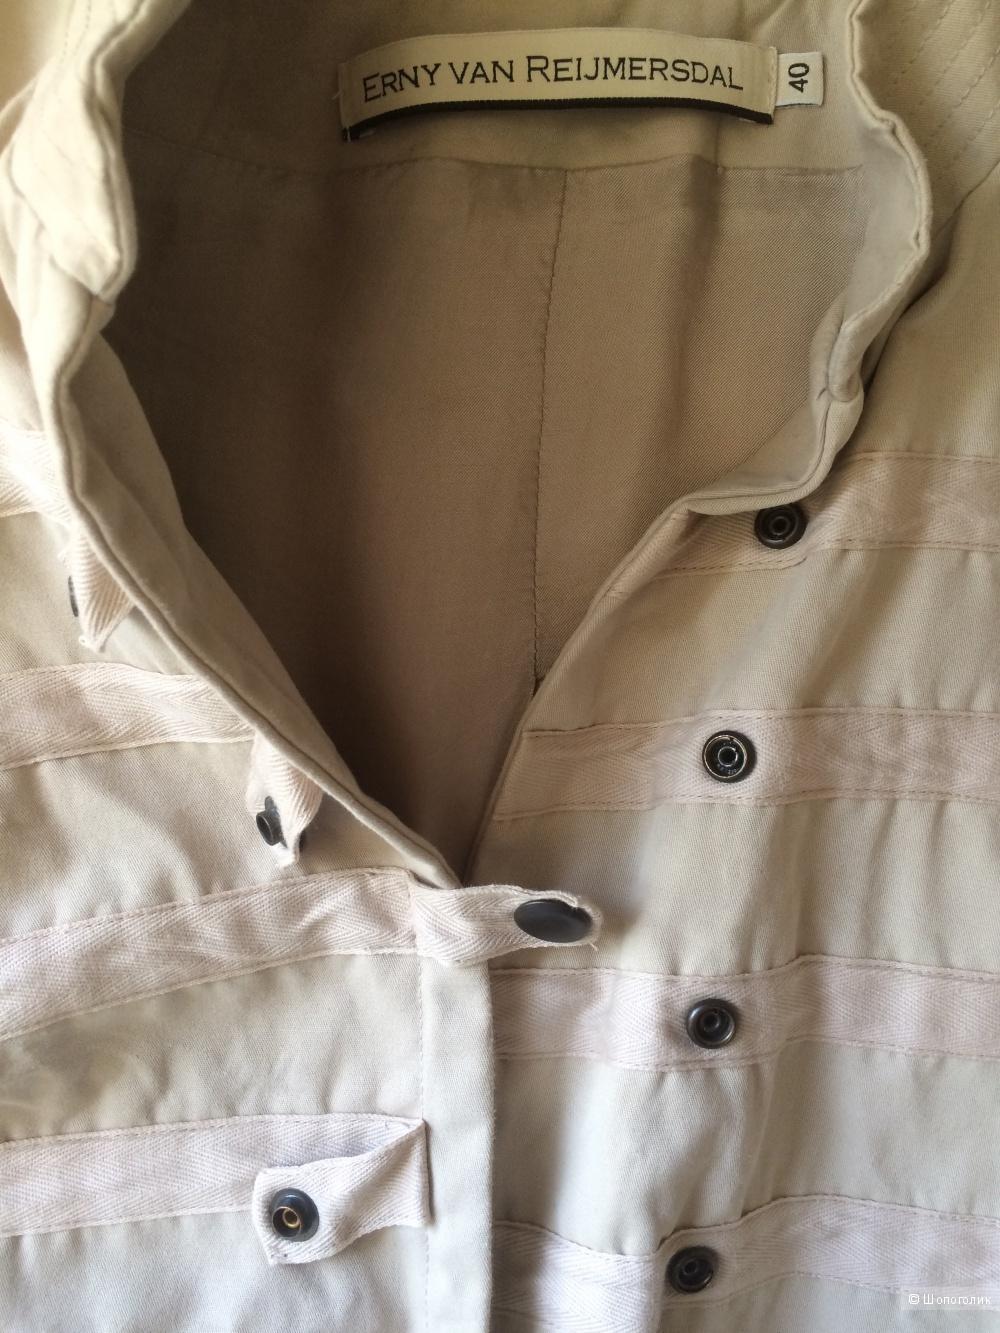 Куртка erny van reijmersdal М